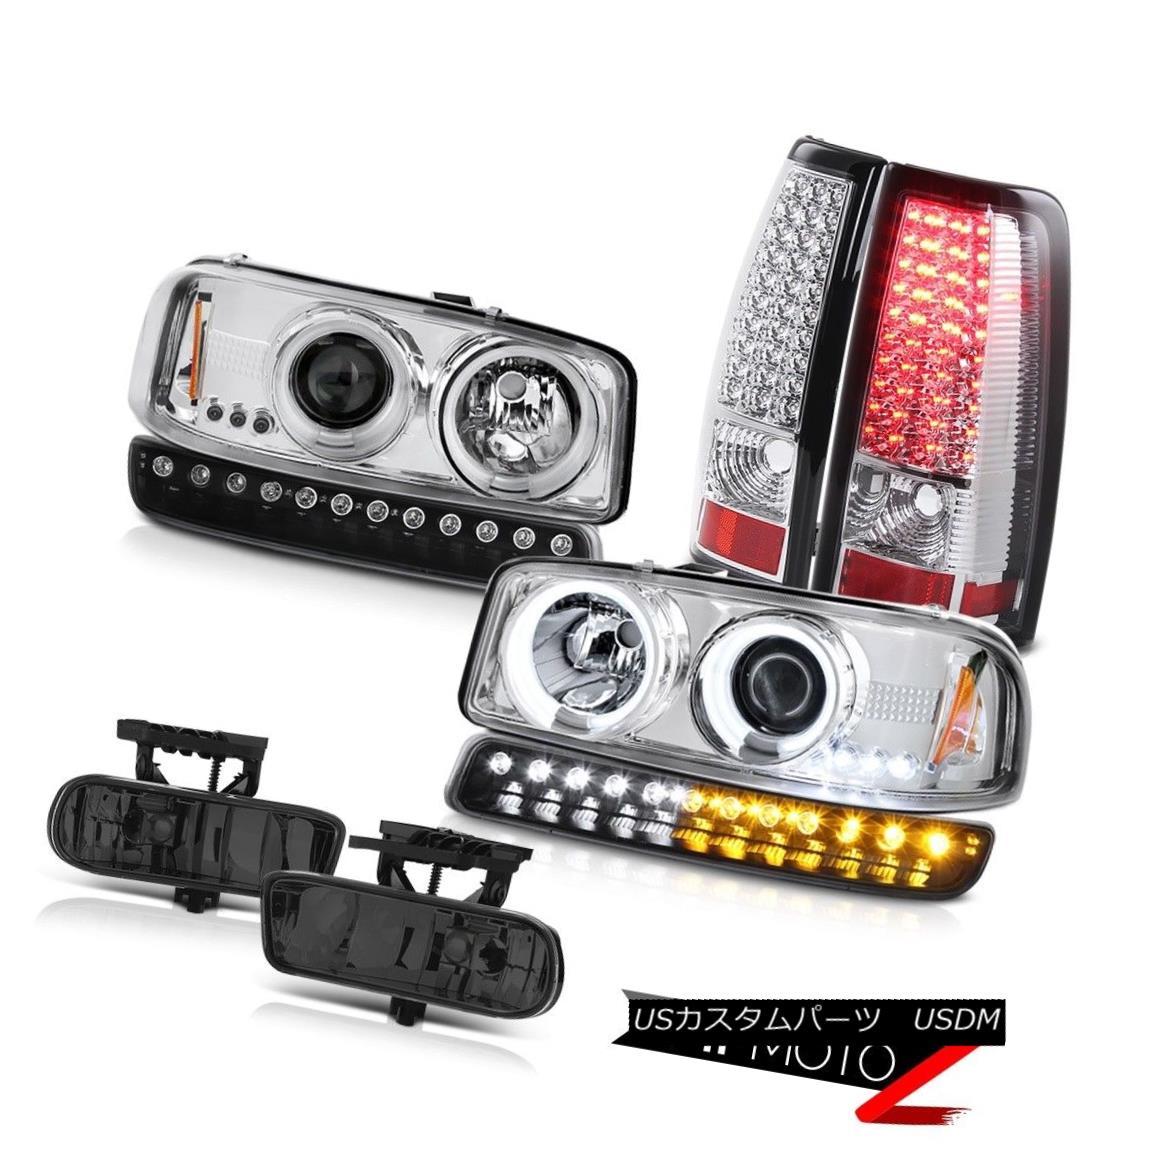 テールライト 99-02 Sierra 5.3L Dark smoke fog lamps led tail bumper light ccfl Headlights 99-02シエラ5.3Lダーク煙霧ランプはテールバンパーライトを導いたccflヘッドライト